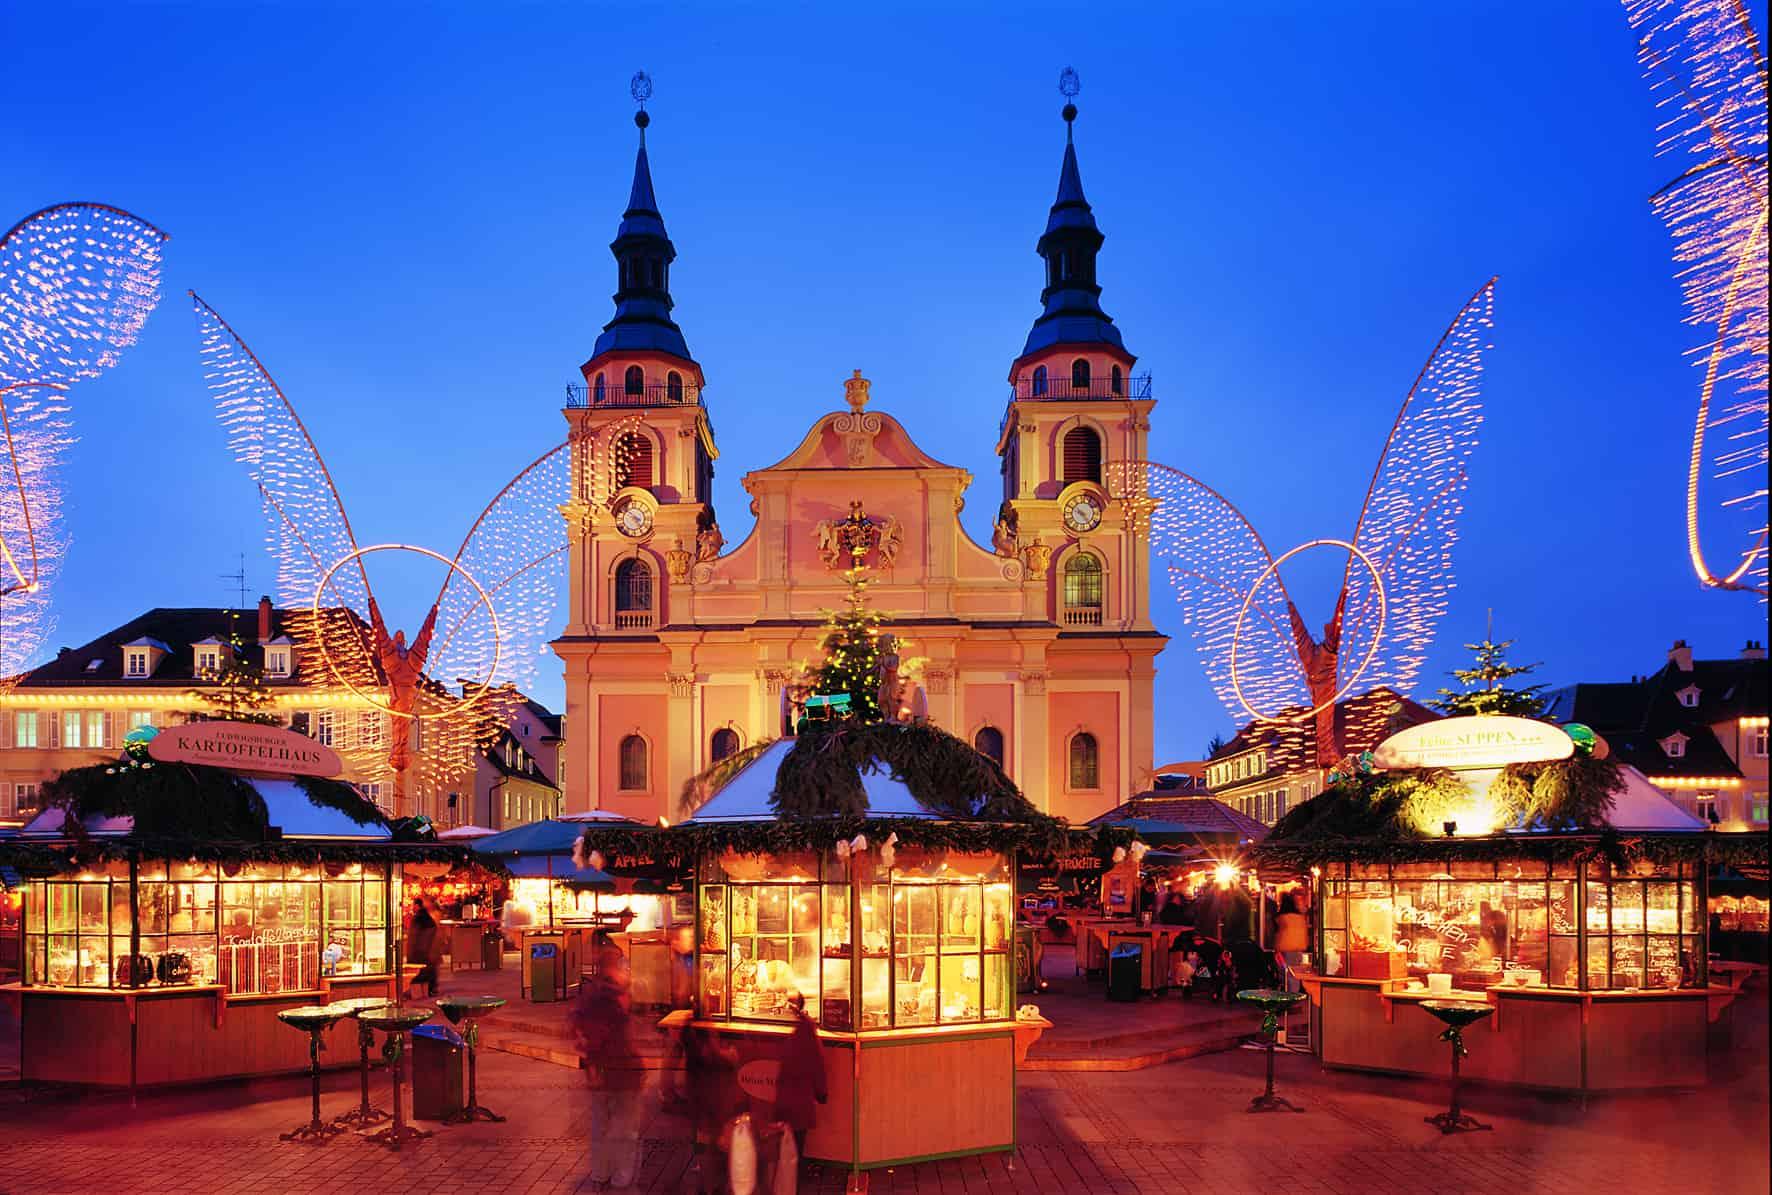 Barock-Weihnachtsmarkt in Ludwigsburg bei Nacht